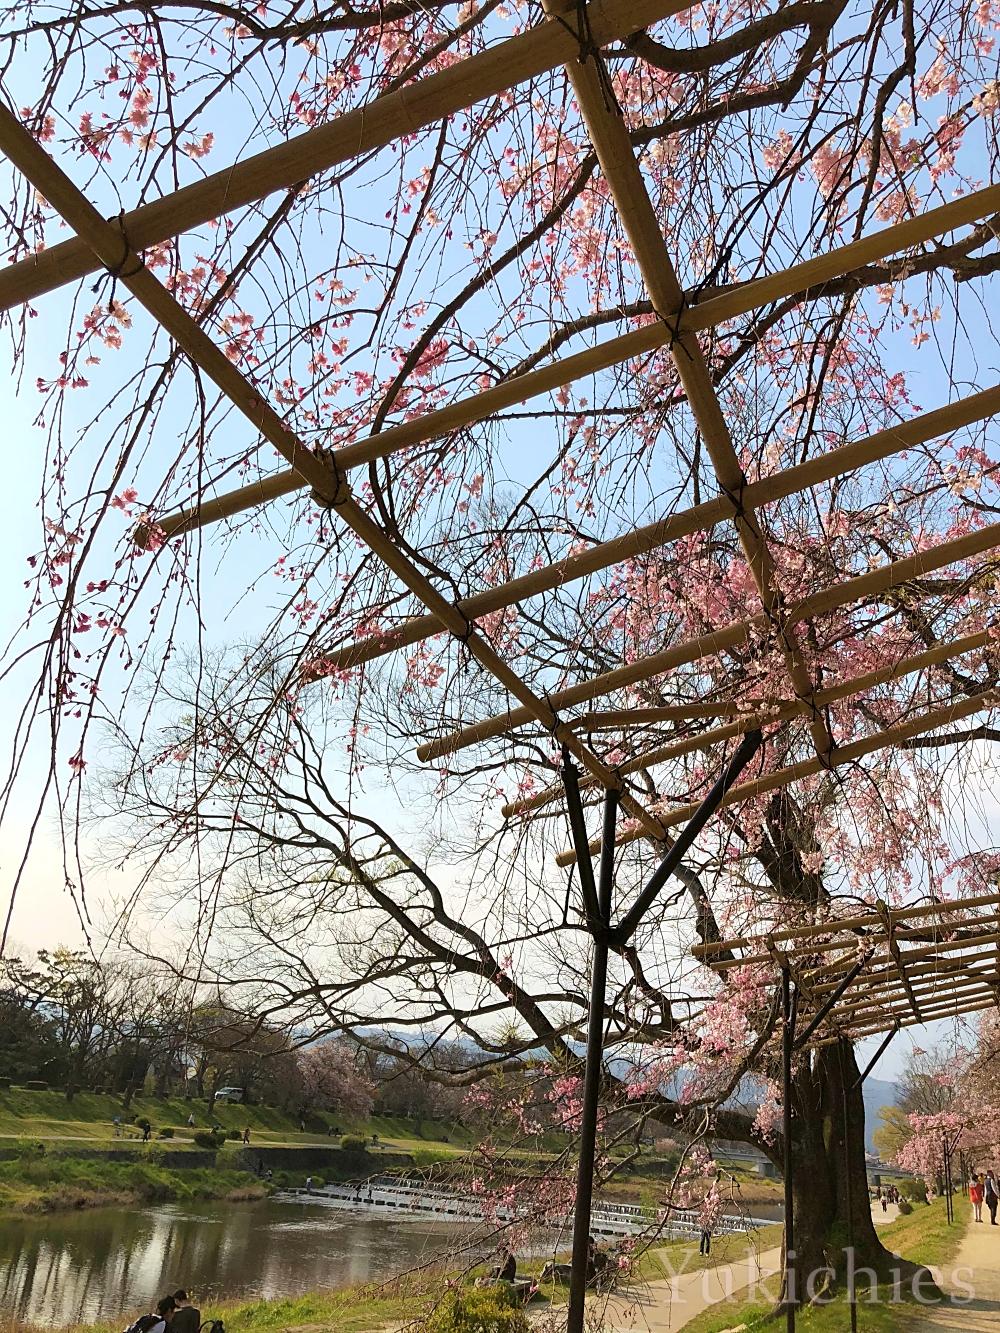 京都 北山 半木の道(なからぎのみち) 紅枝垂れ桜